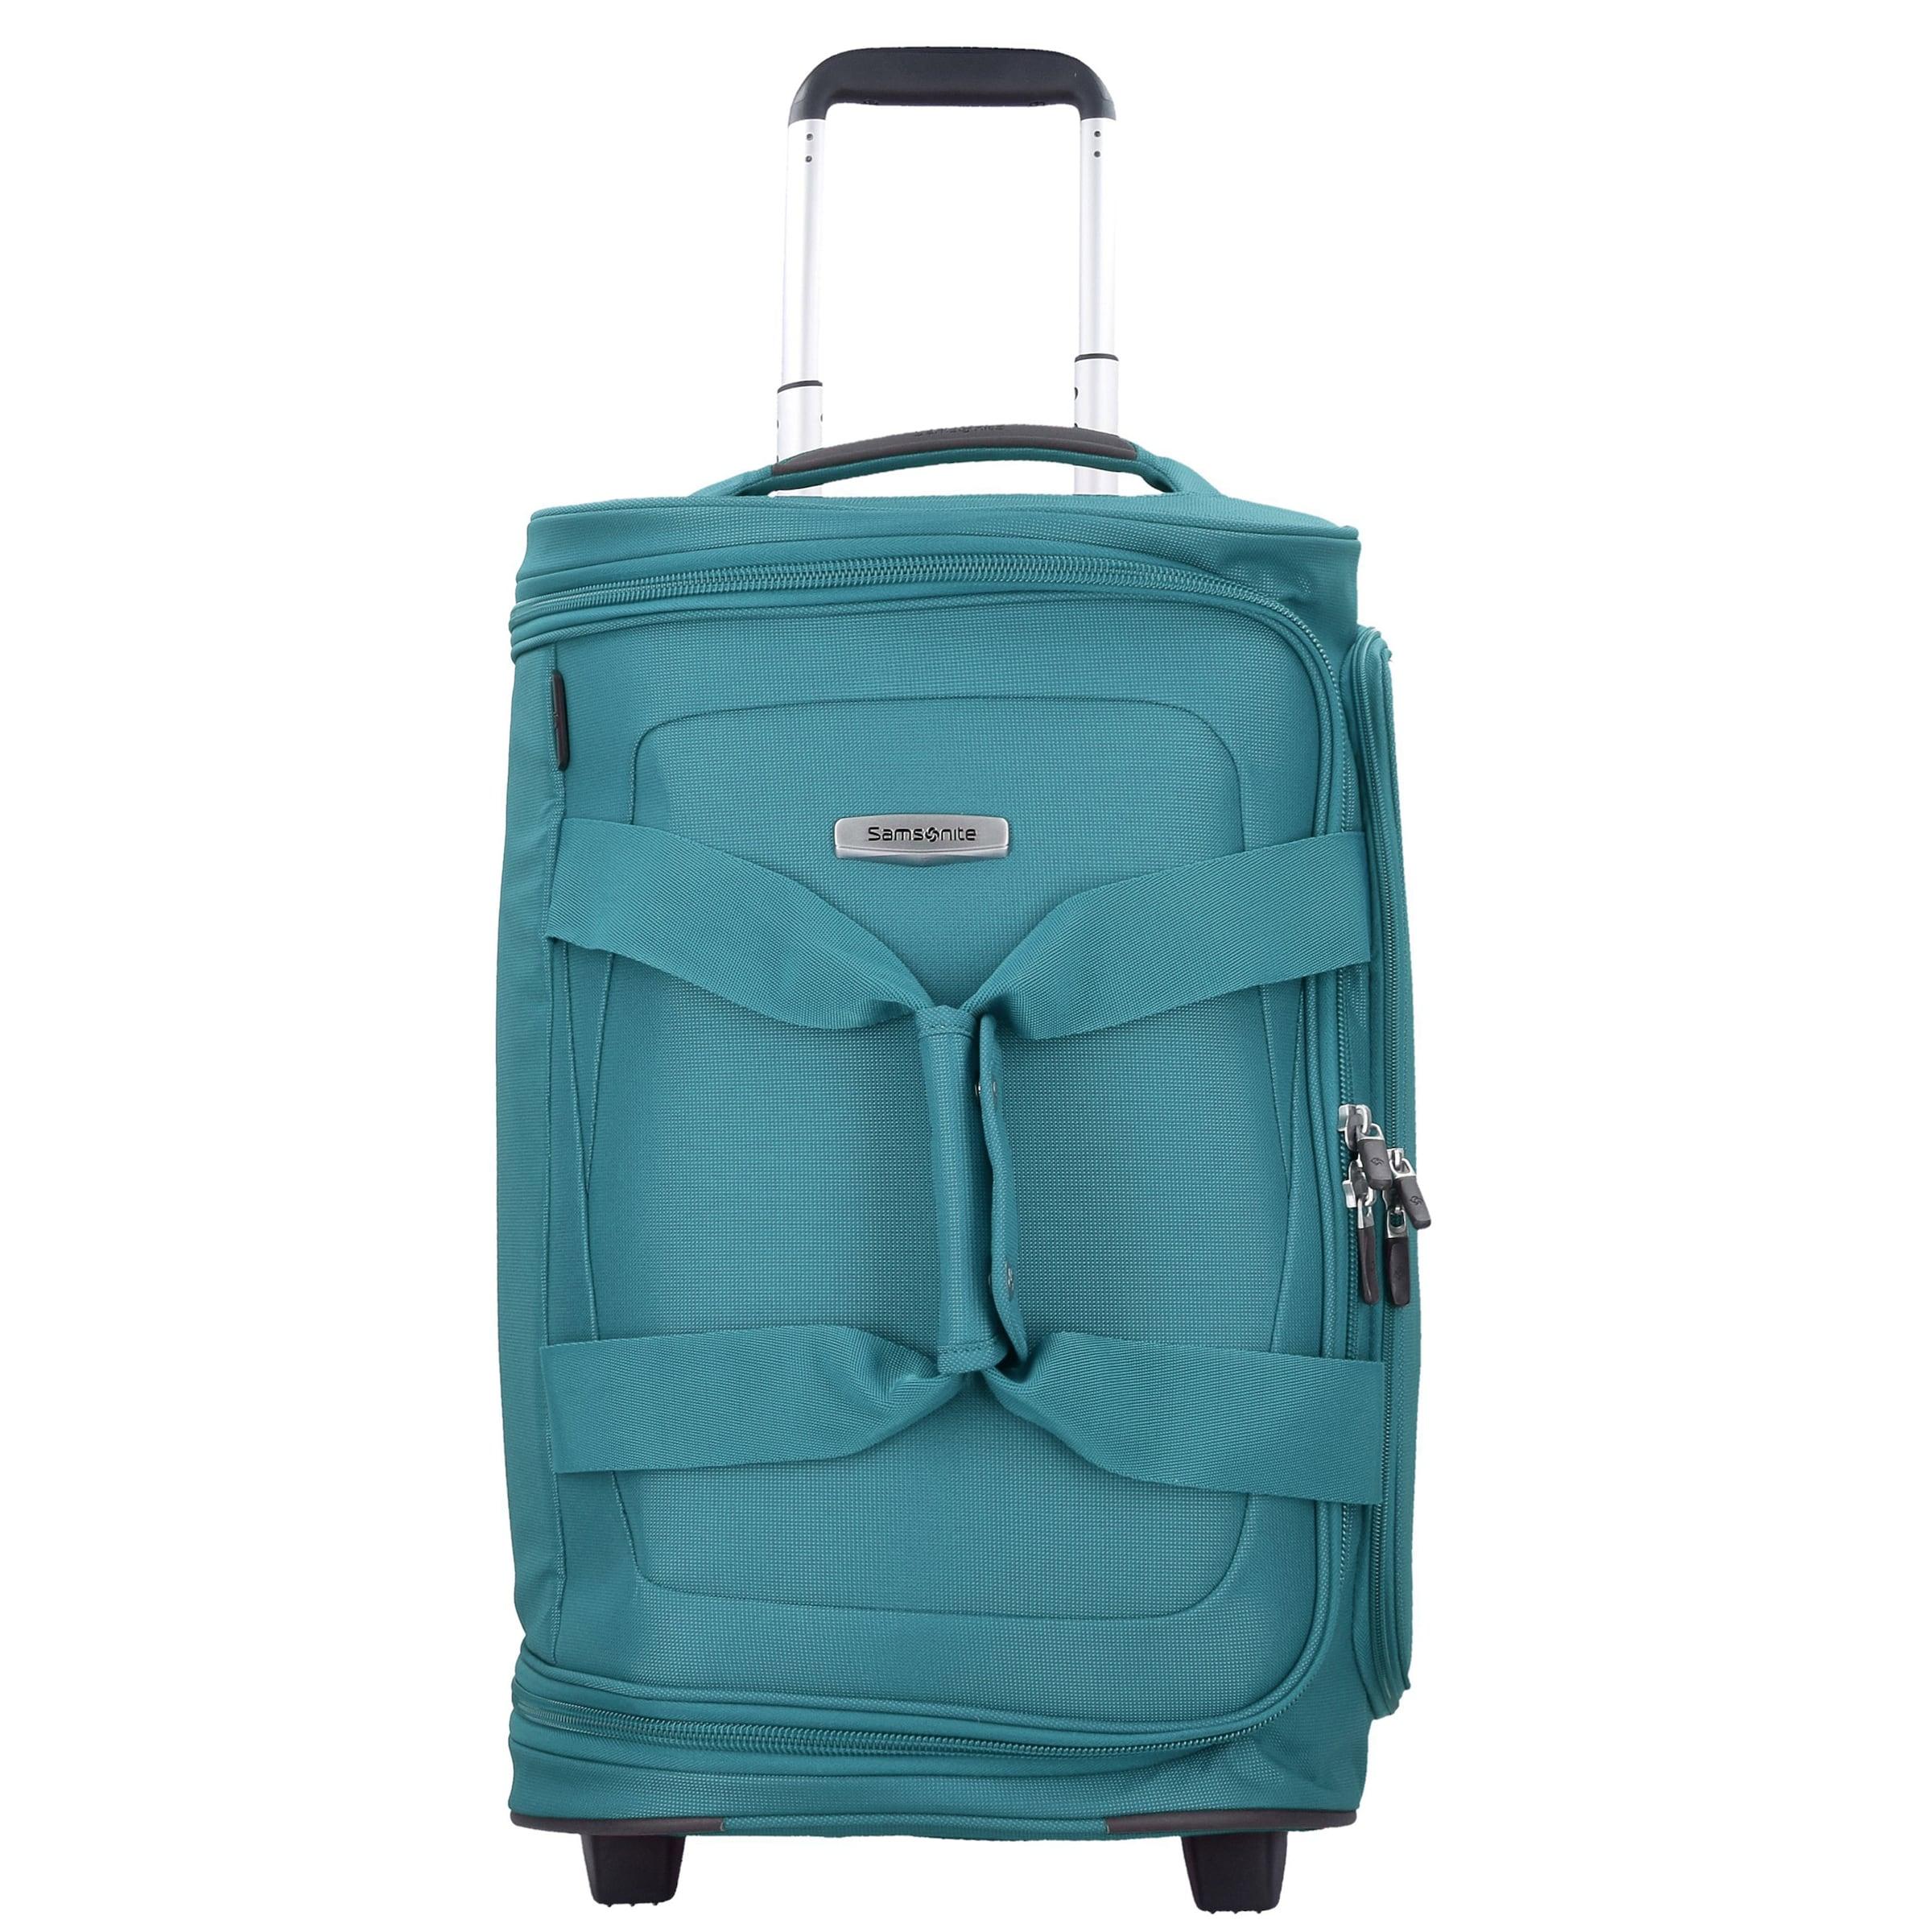 SAMSONITE Spark SNG Upright 2-Rollen Reisetasche 55 cm Erschwinglich Zu Verkaufen 5468ibC